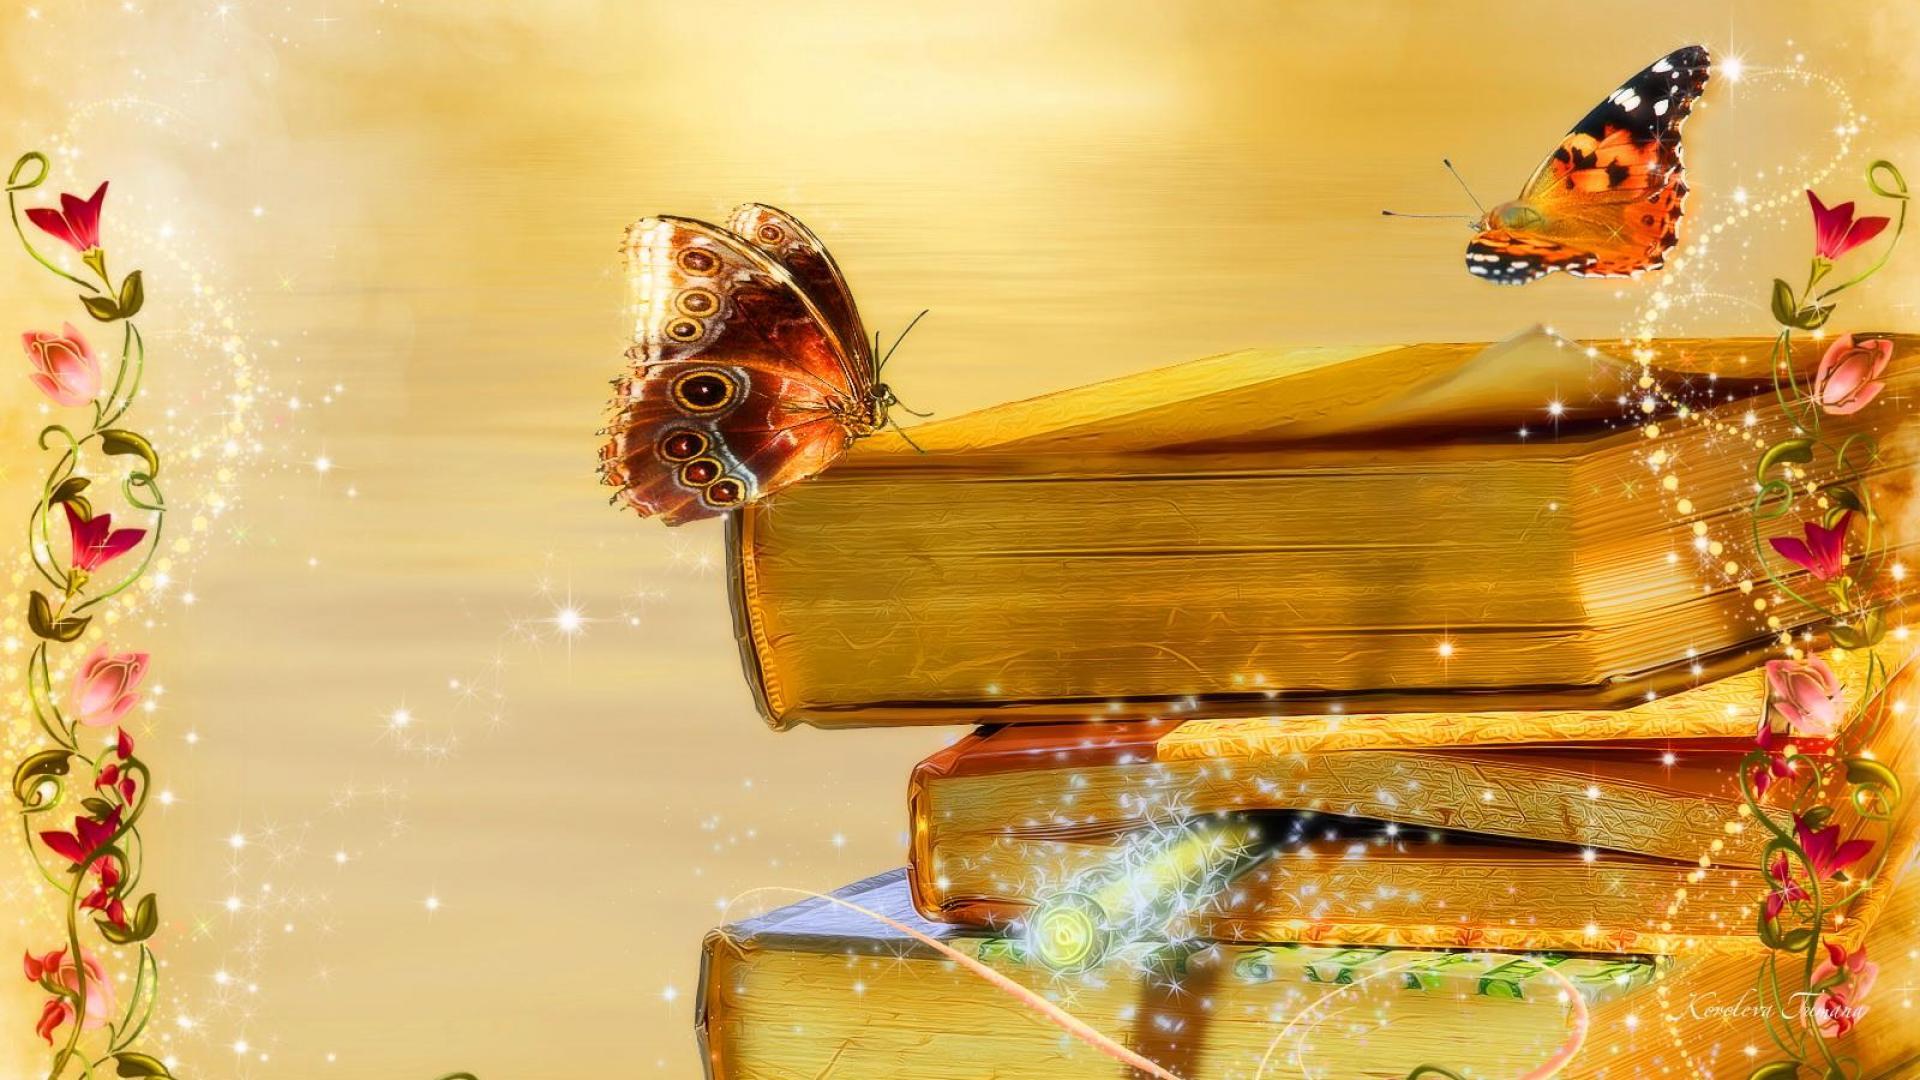 Books, Butterflies, And Flowers HD Wallpaper